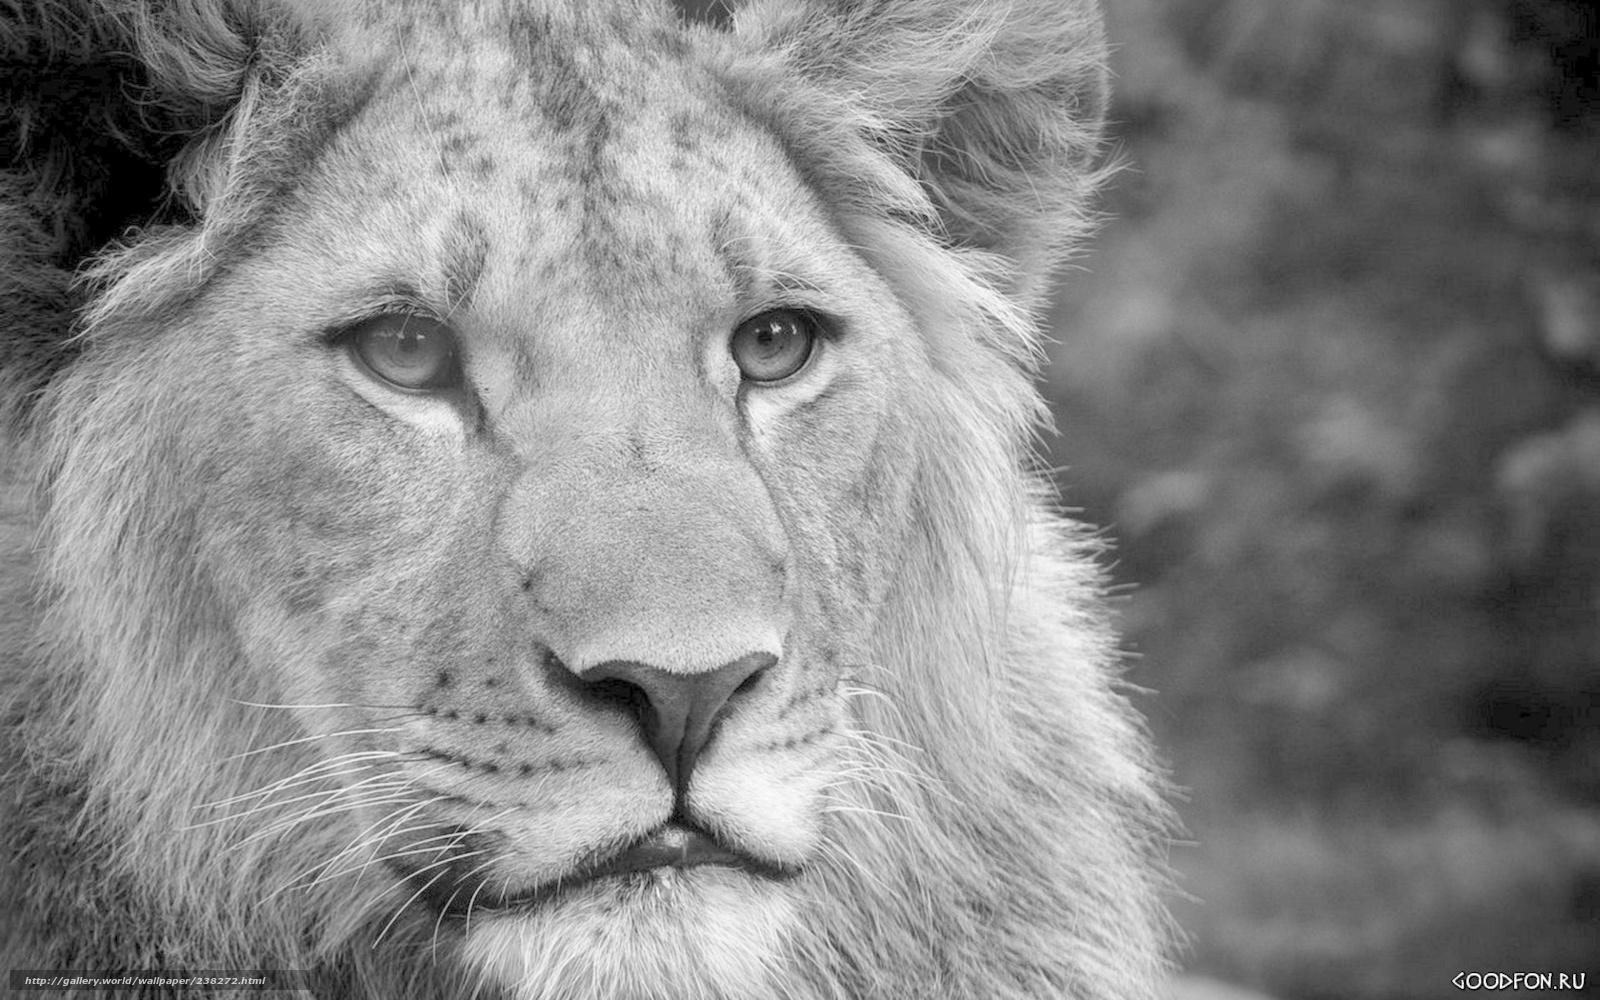 tlcharger fond d 39 ecran lion voir savane afrique fonds d 39 ecran gratuits pour votre rsolution. Black Bedroom Furniture Sets. Home Design Ideas